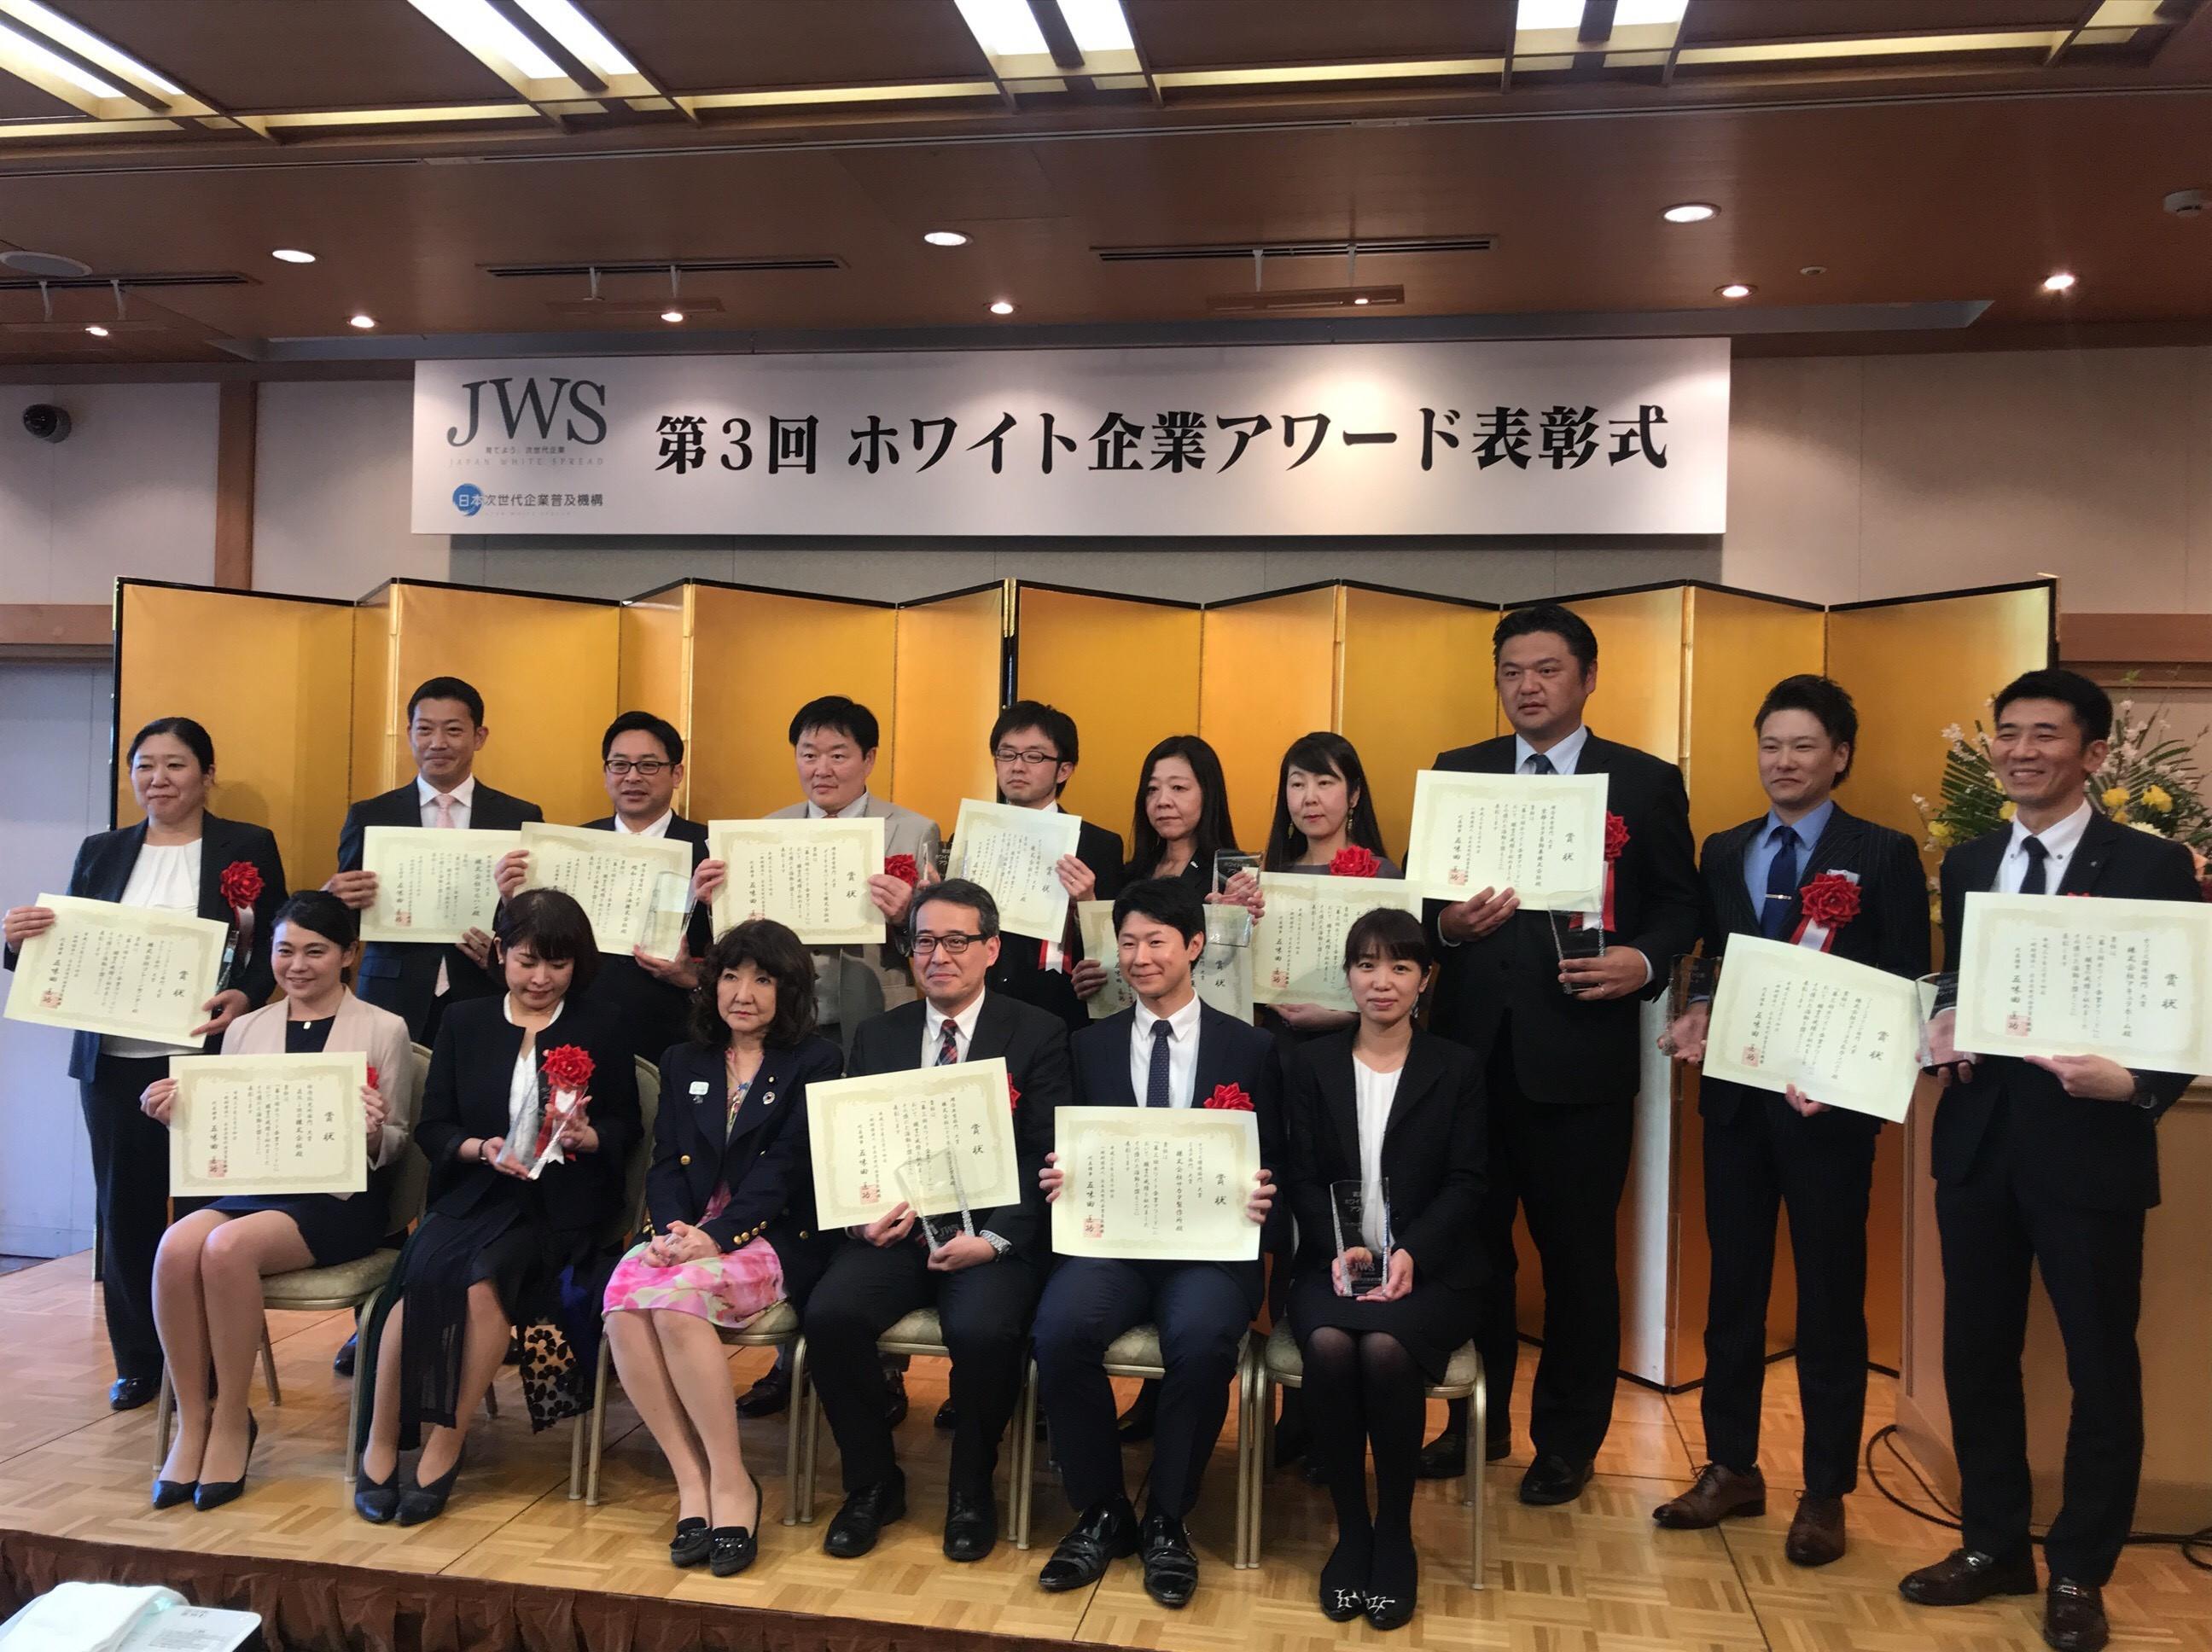 エキサイト「第3回ホワイト企業アワード」ワークシェアリング部門を受賞